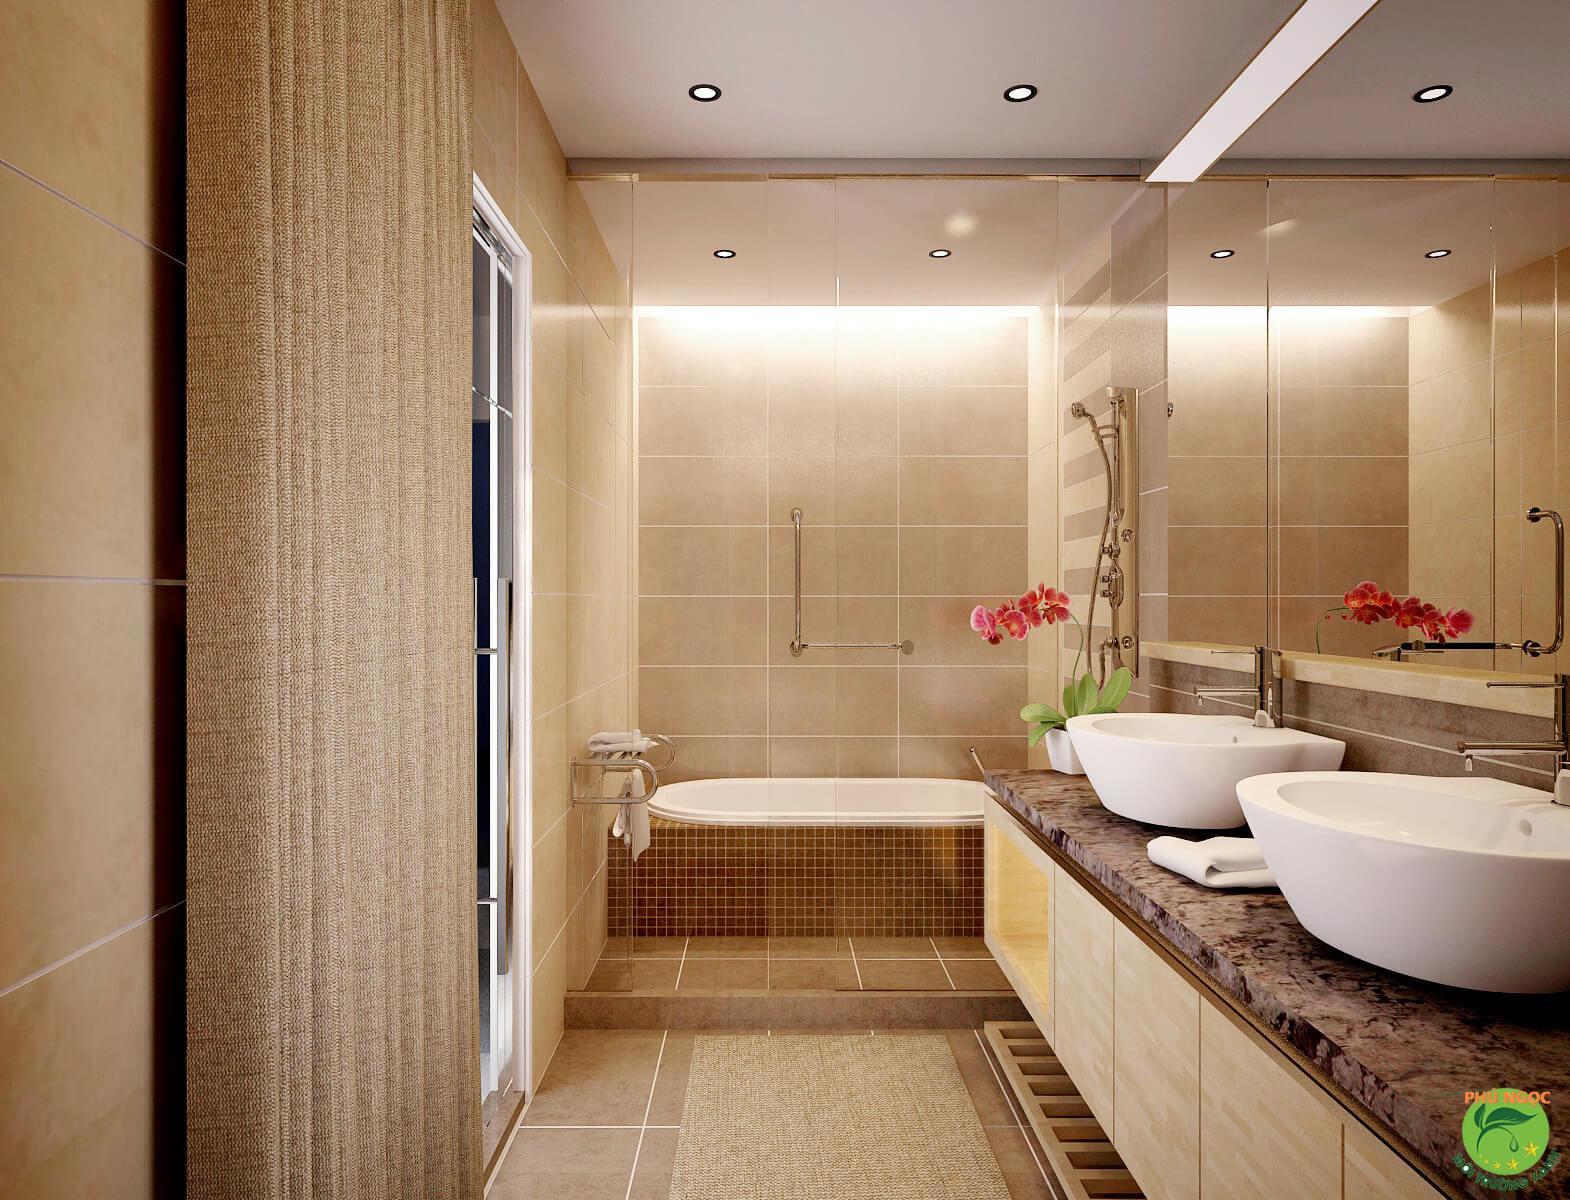 Lựa chọn chất liệu lavabo có chất liệu phù hợp làm không gian thêm sang trọng